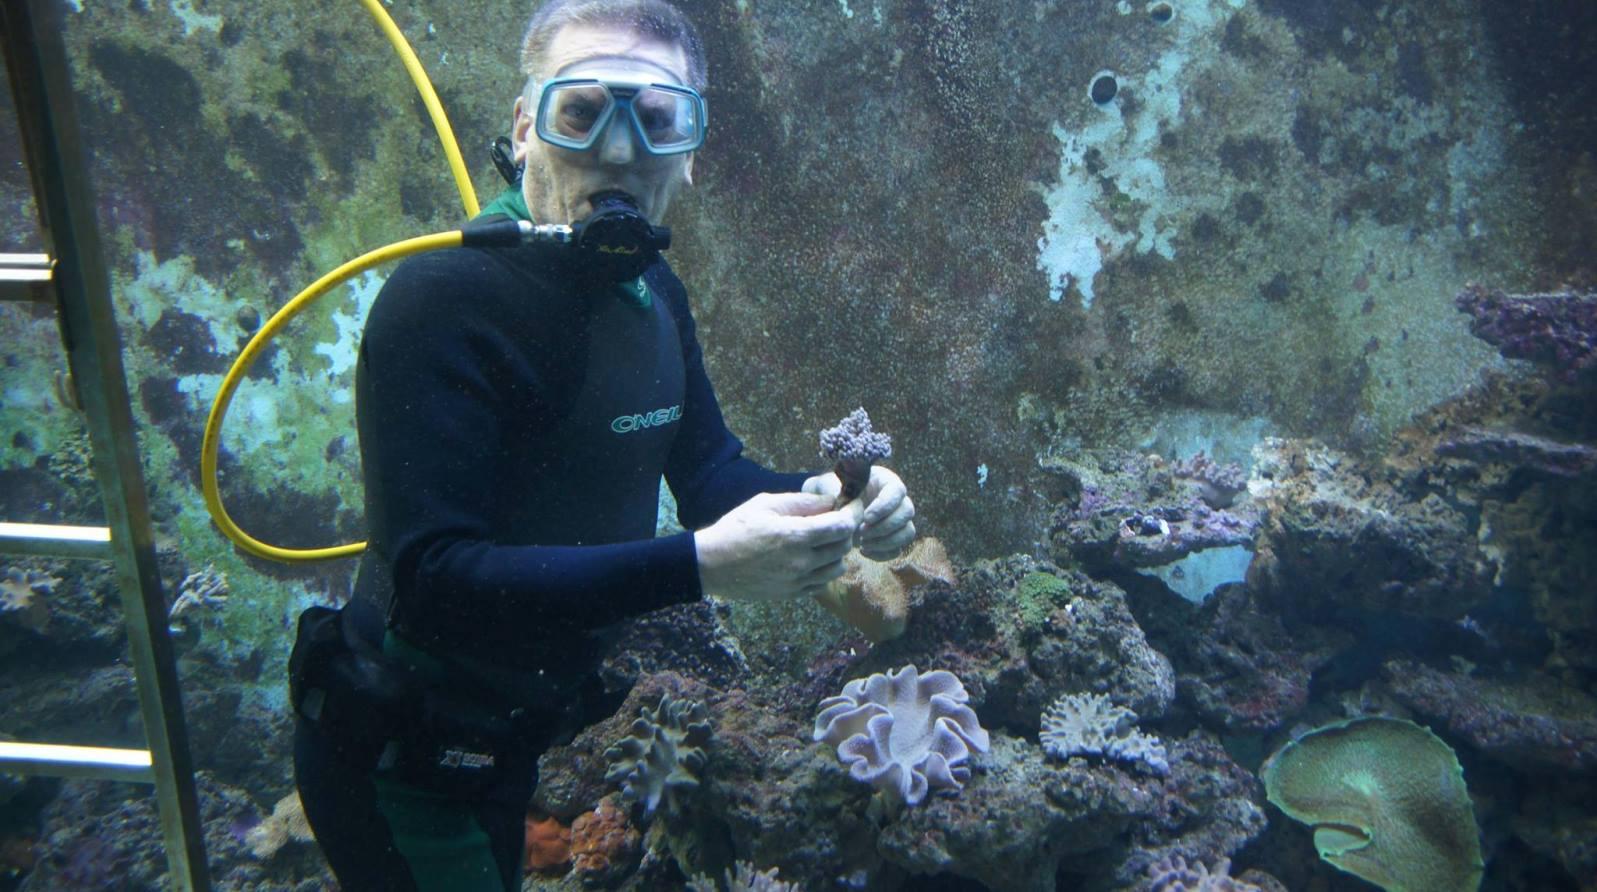 Eli's Reef Aquarium is large enough for scuba diving. Photo via Facebook/ElisReefAquarium